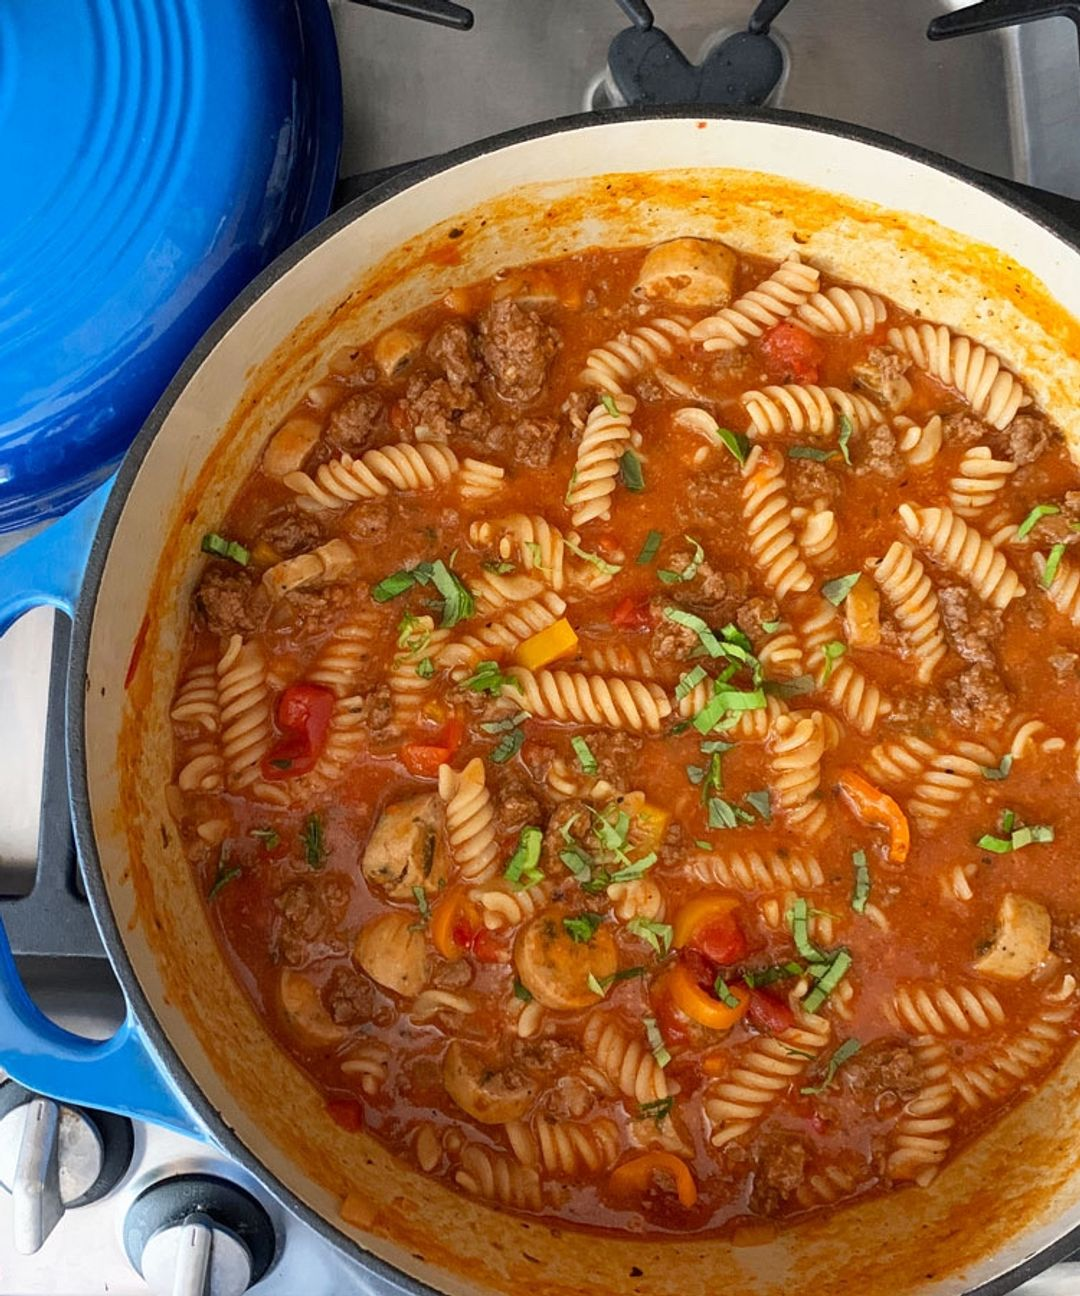 जानिए पापड़ से लस मुक्त पास्ता बनाने का तरीका